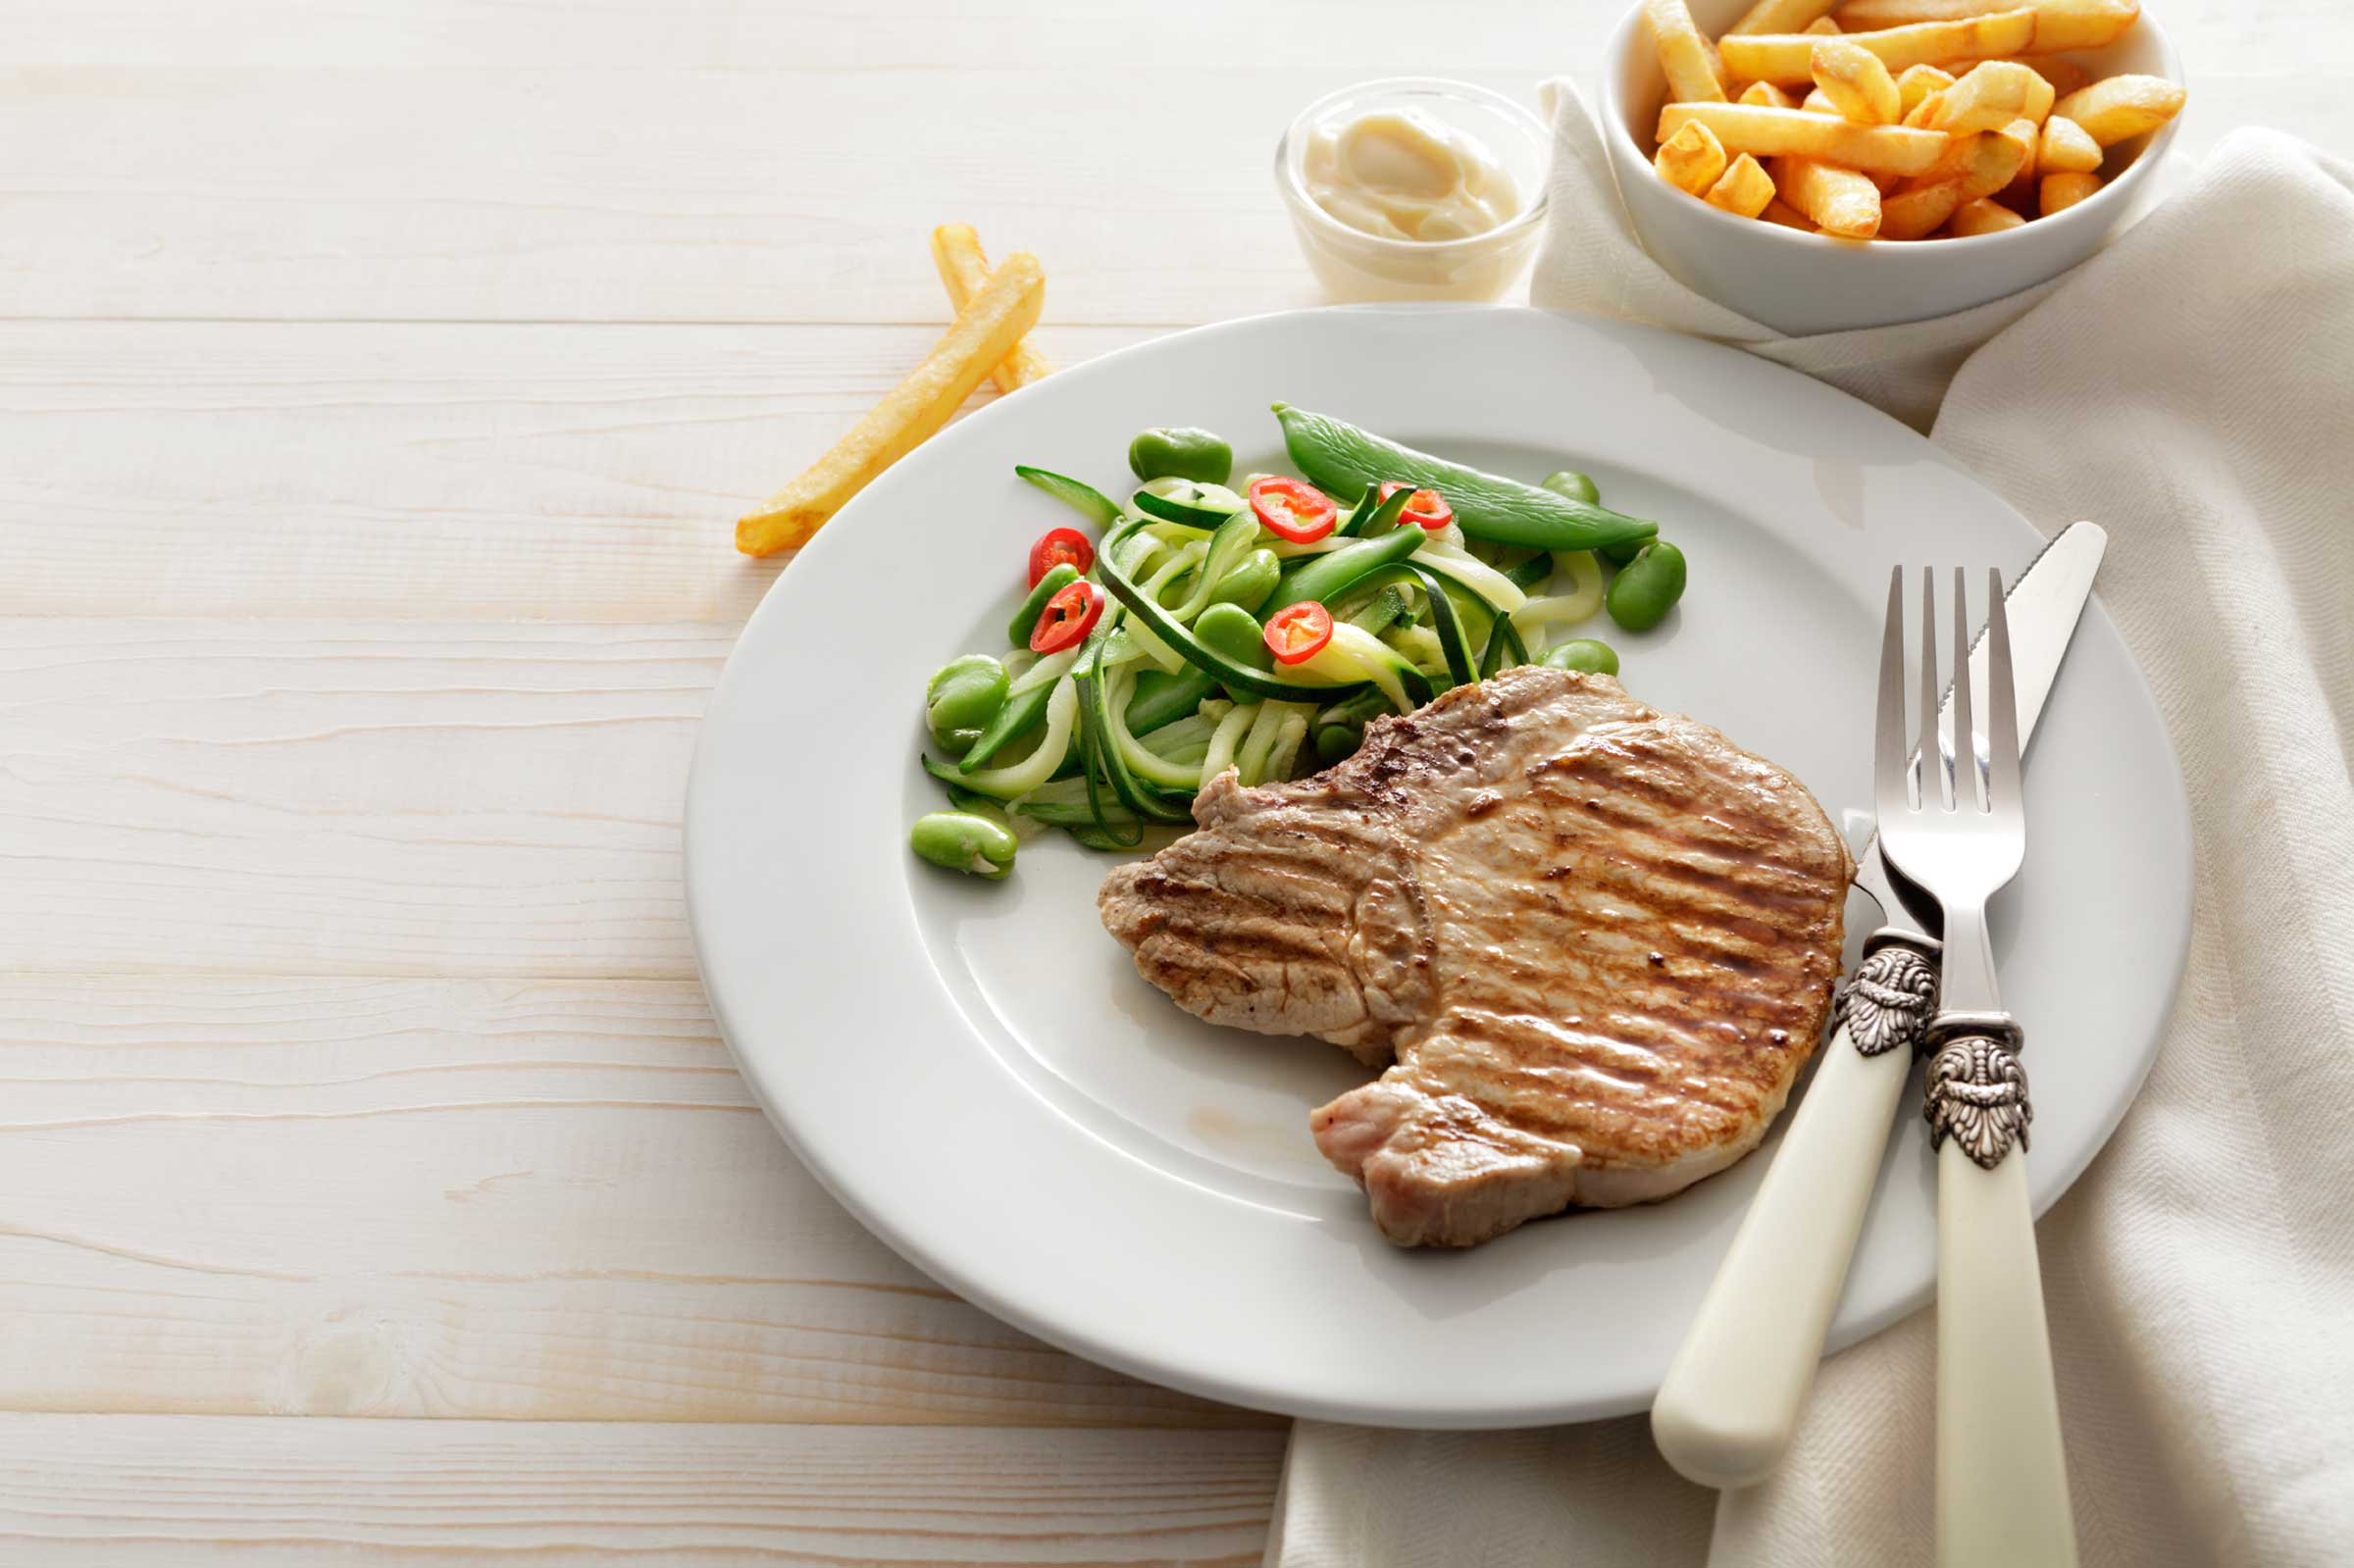 Maneras fáciles de reducir sus porciones: reducir el consumo de calorías y bajar de peso